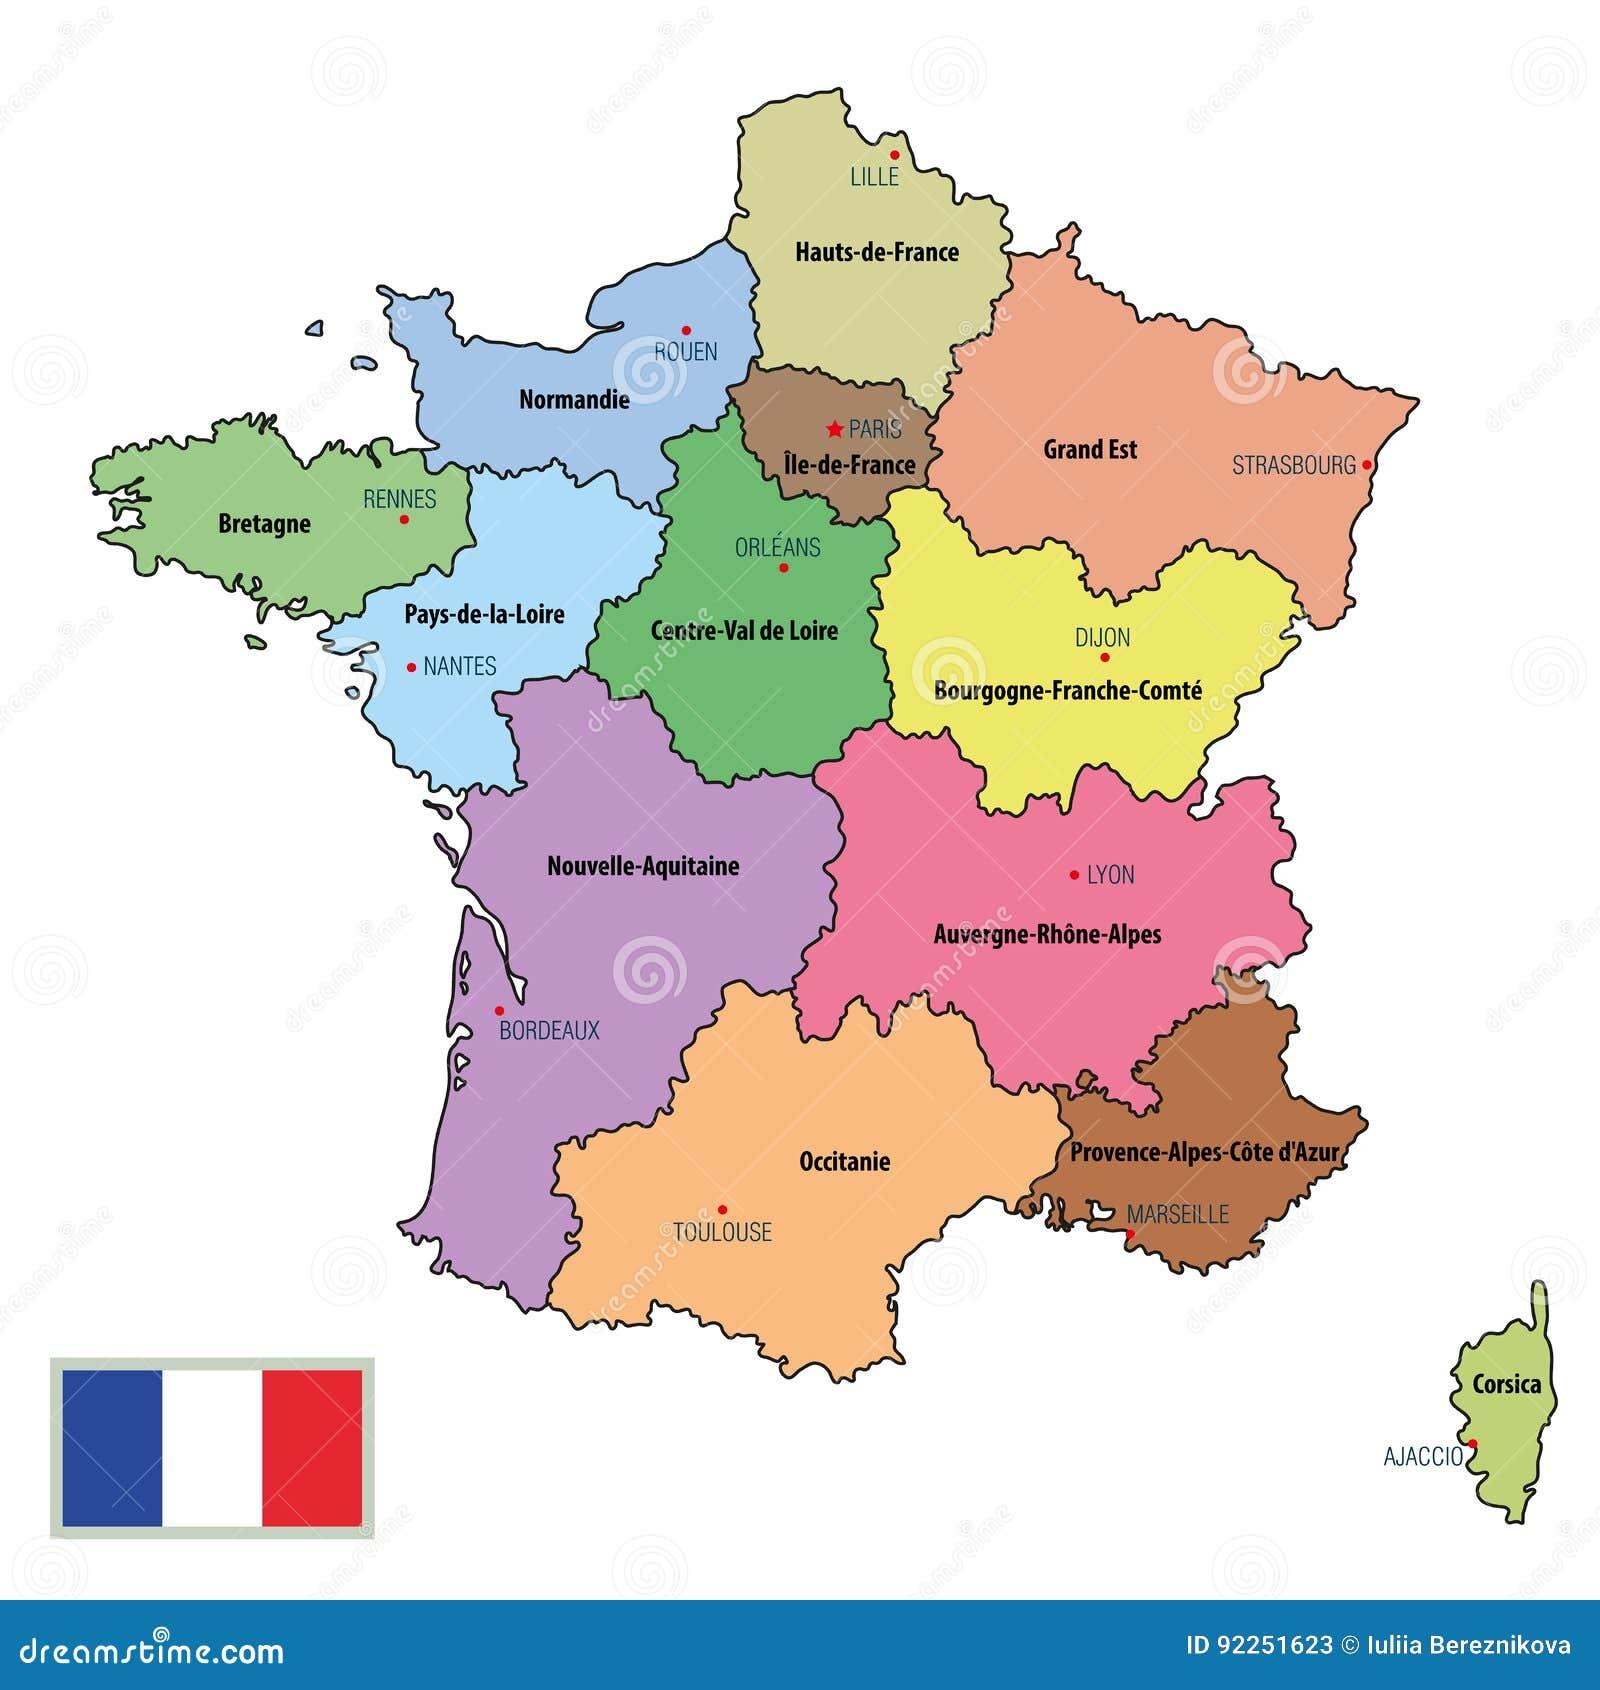 Frankreich Karte Regionen.Frankreich Karte Mit Regionen Und Ihren Hauptstädten Vektor